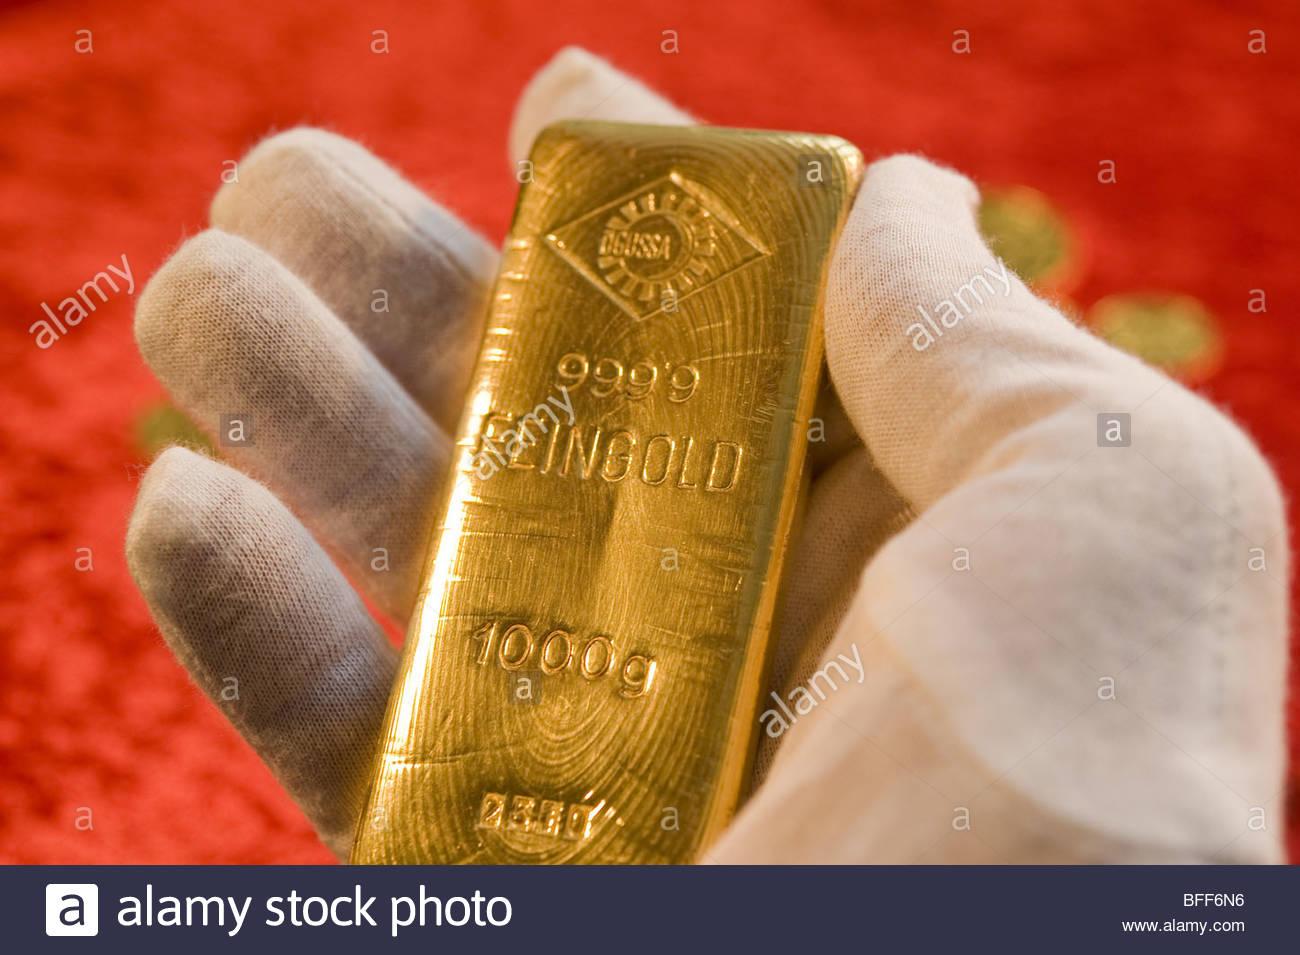 Gold Bar Stock Photos & Gold Bar Stock Images - Alamy